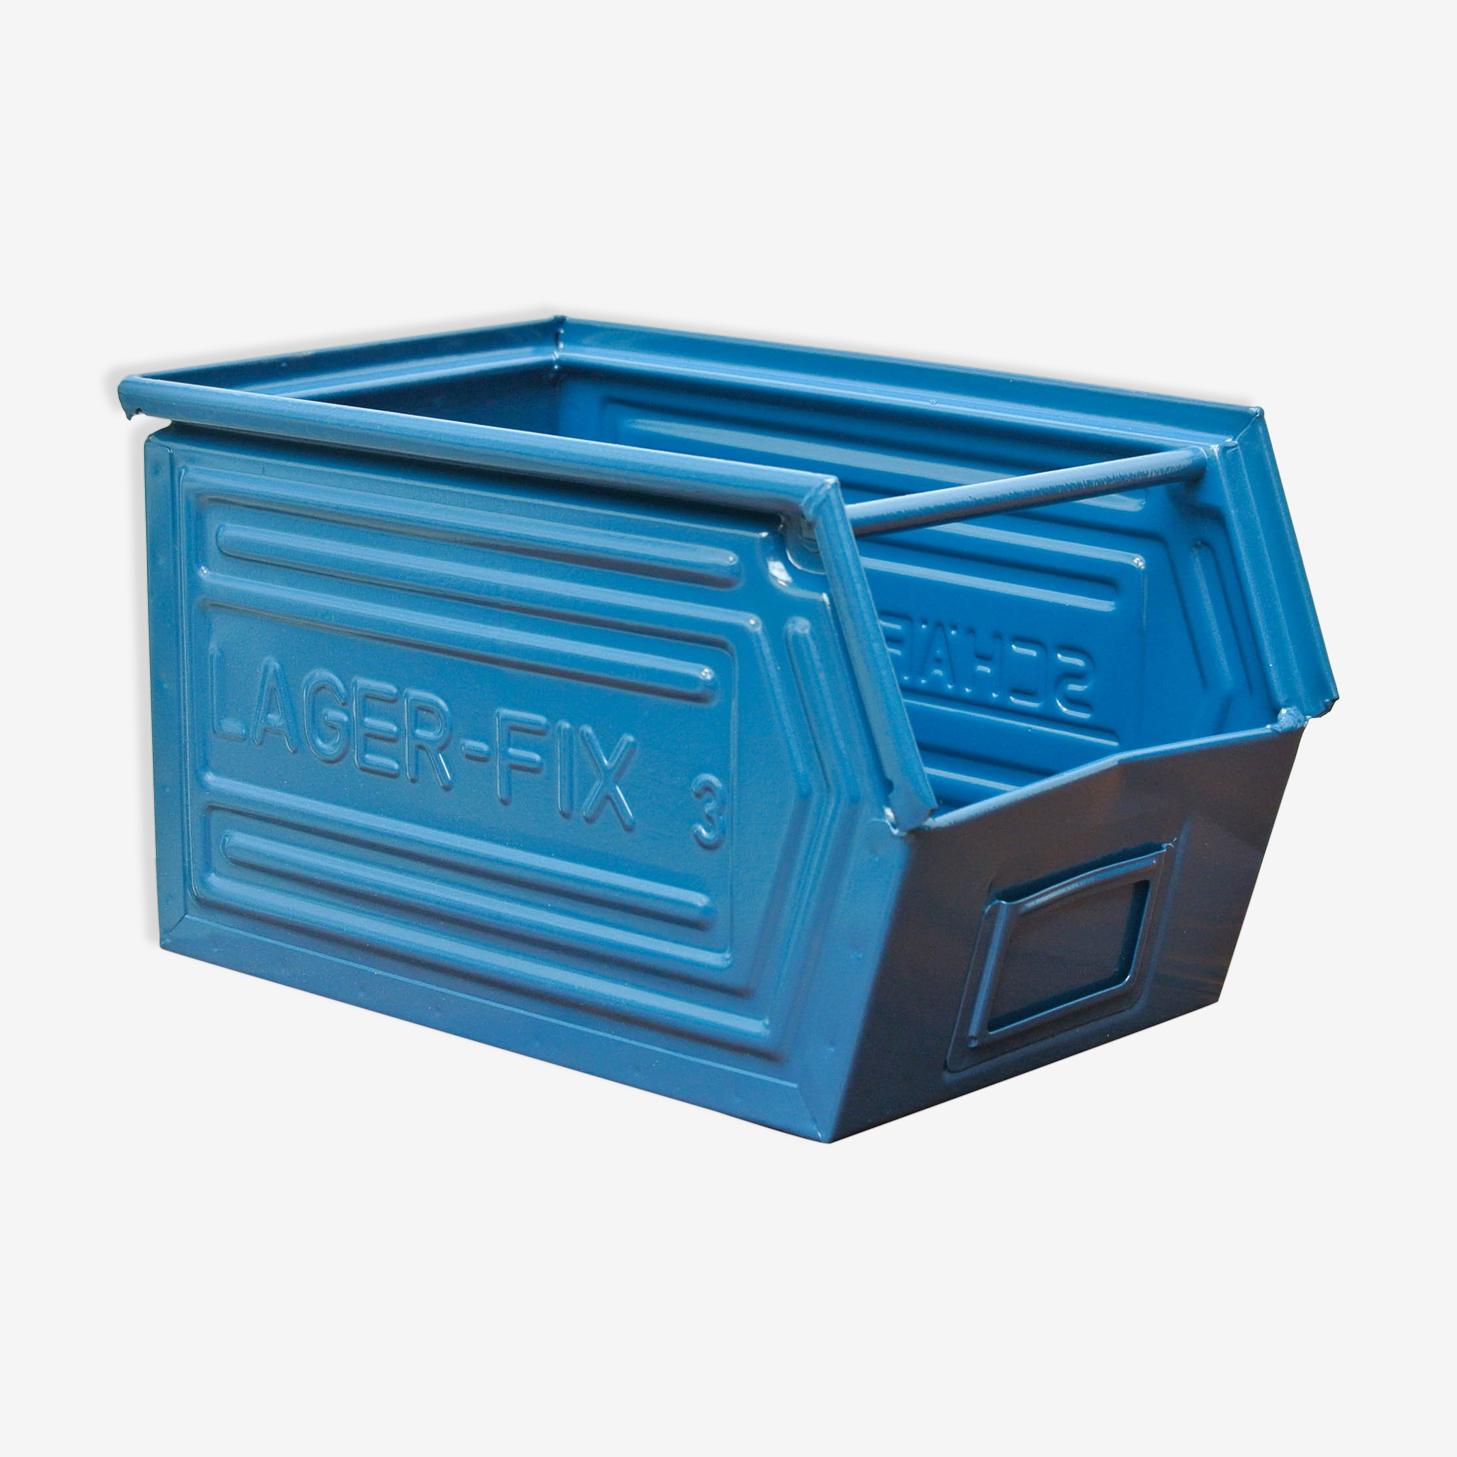 Blue night schafer case restored